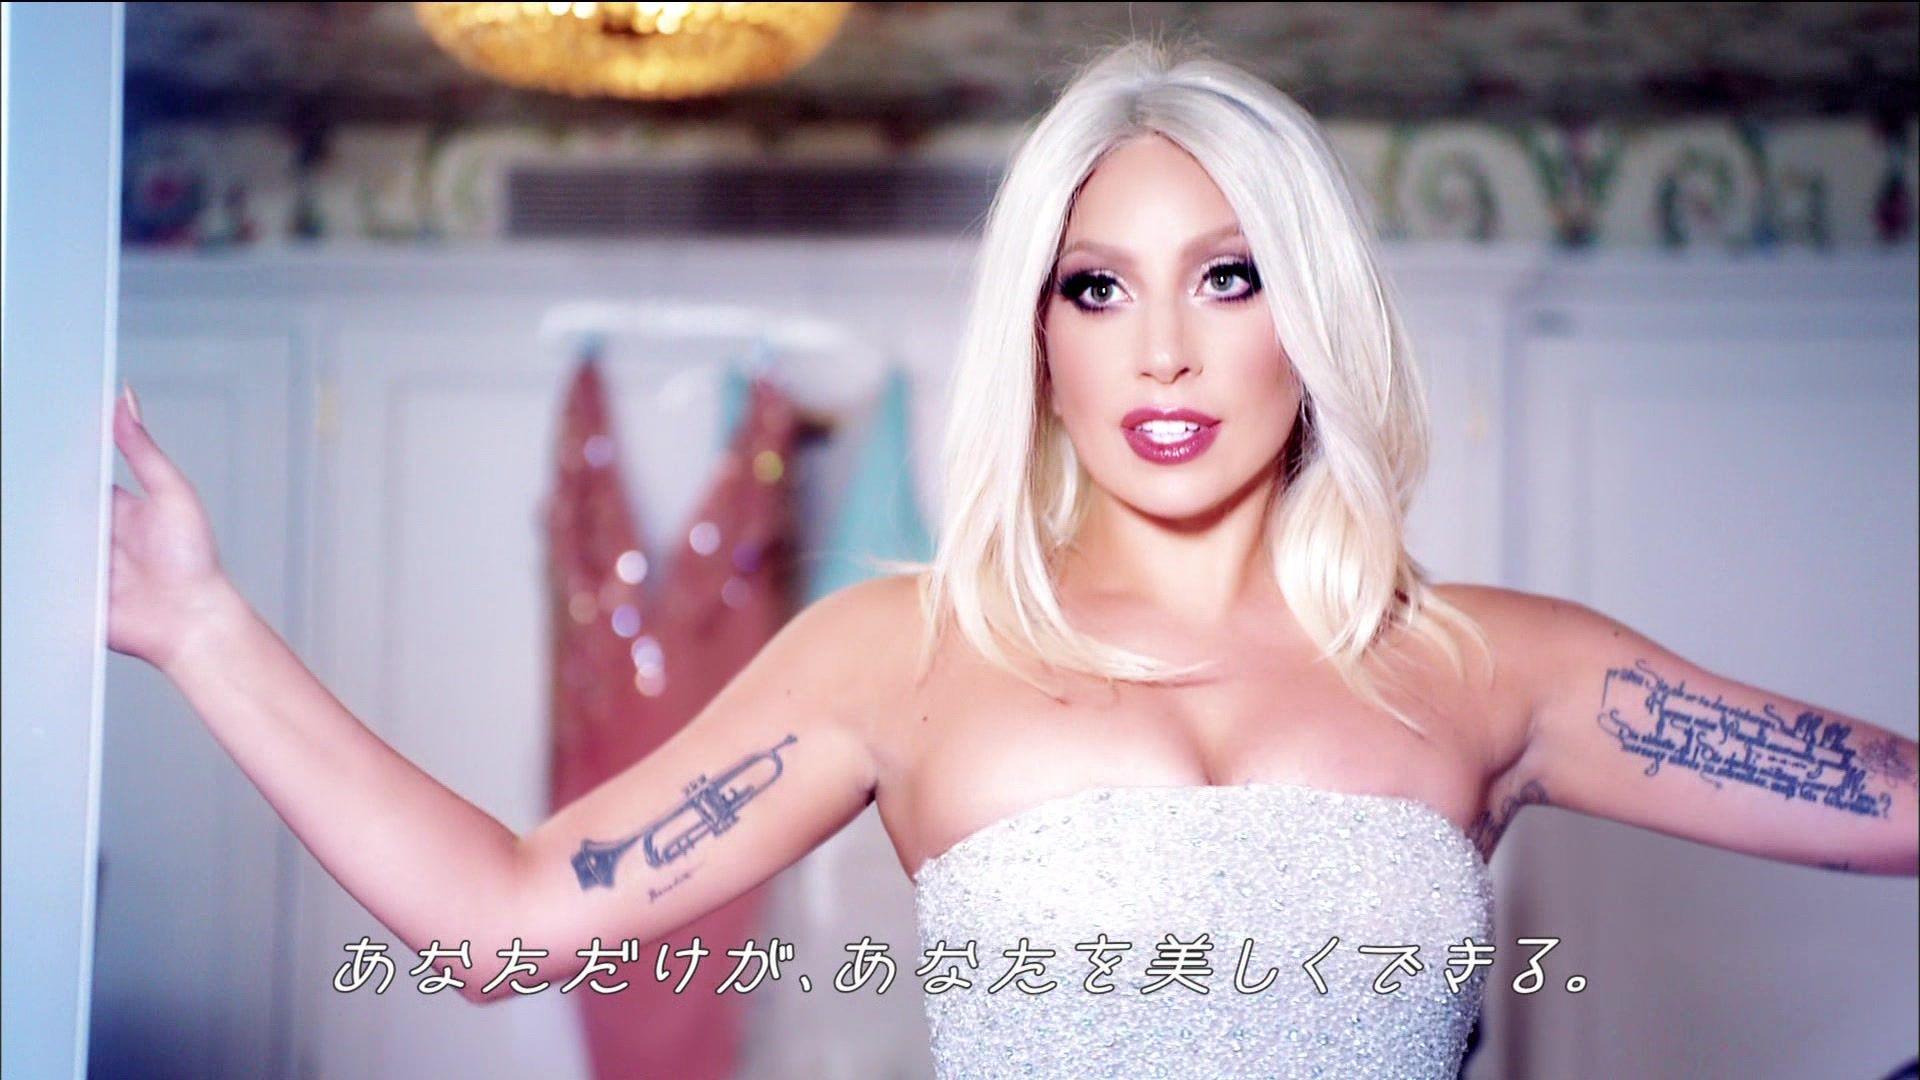 2015-Feb-27-Shiseido-white-dress.jpg